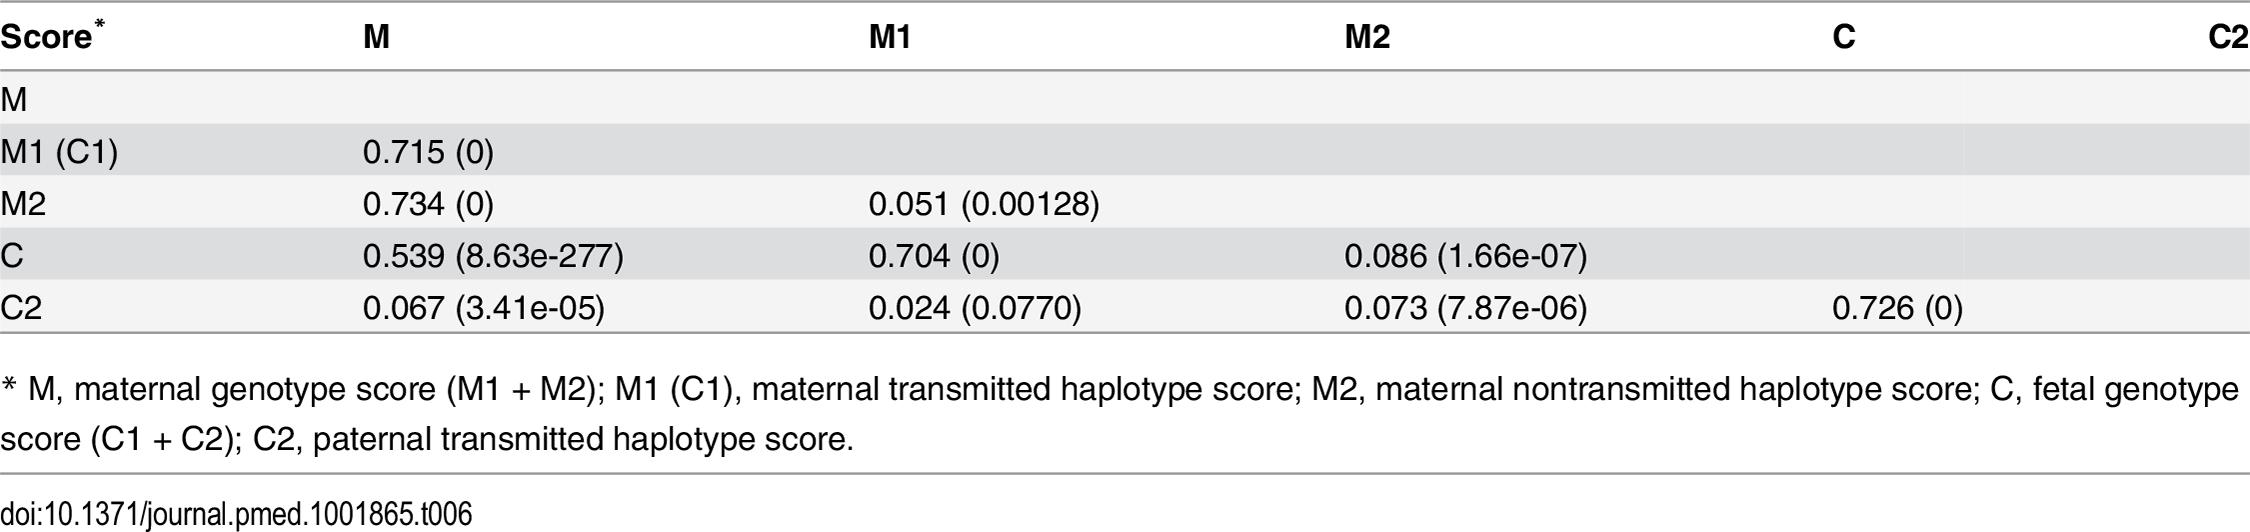 Pairwise correlation among genetic scores.